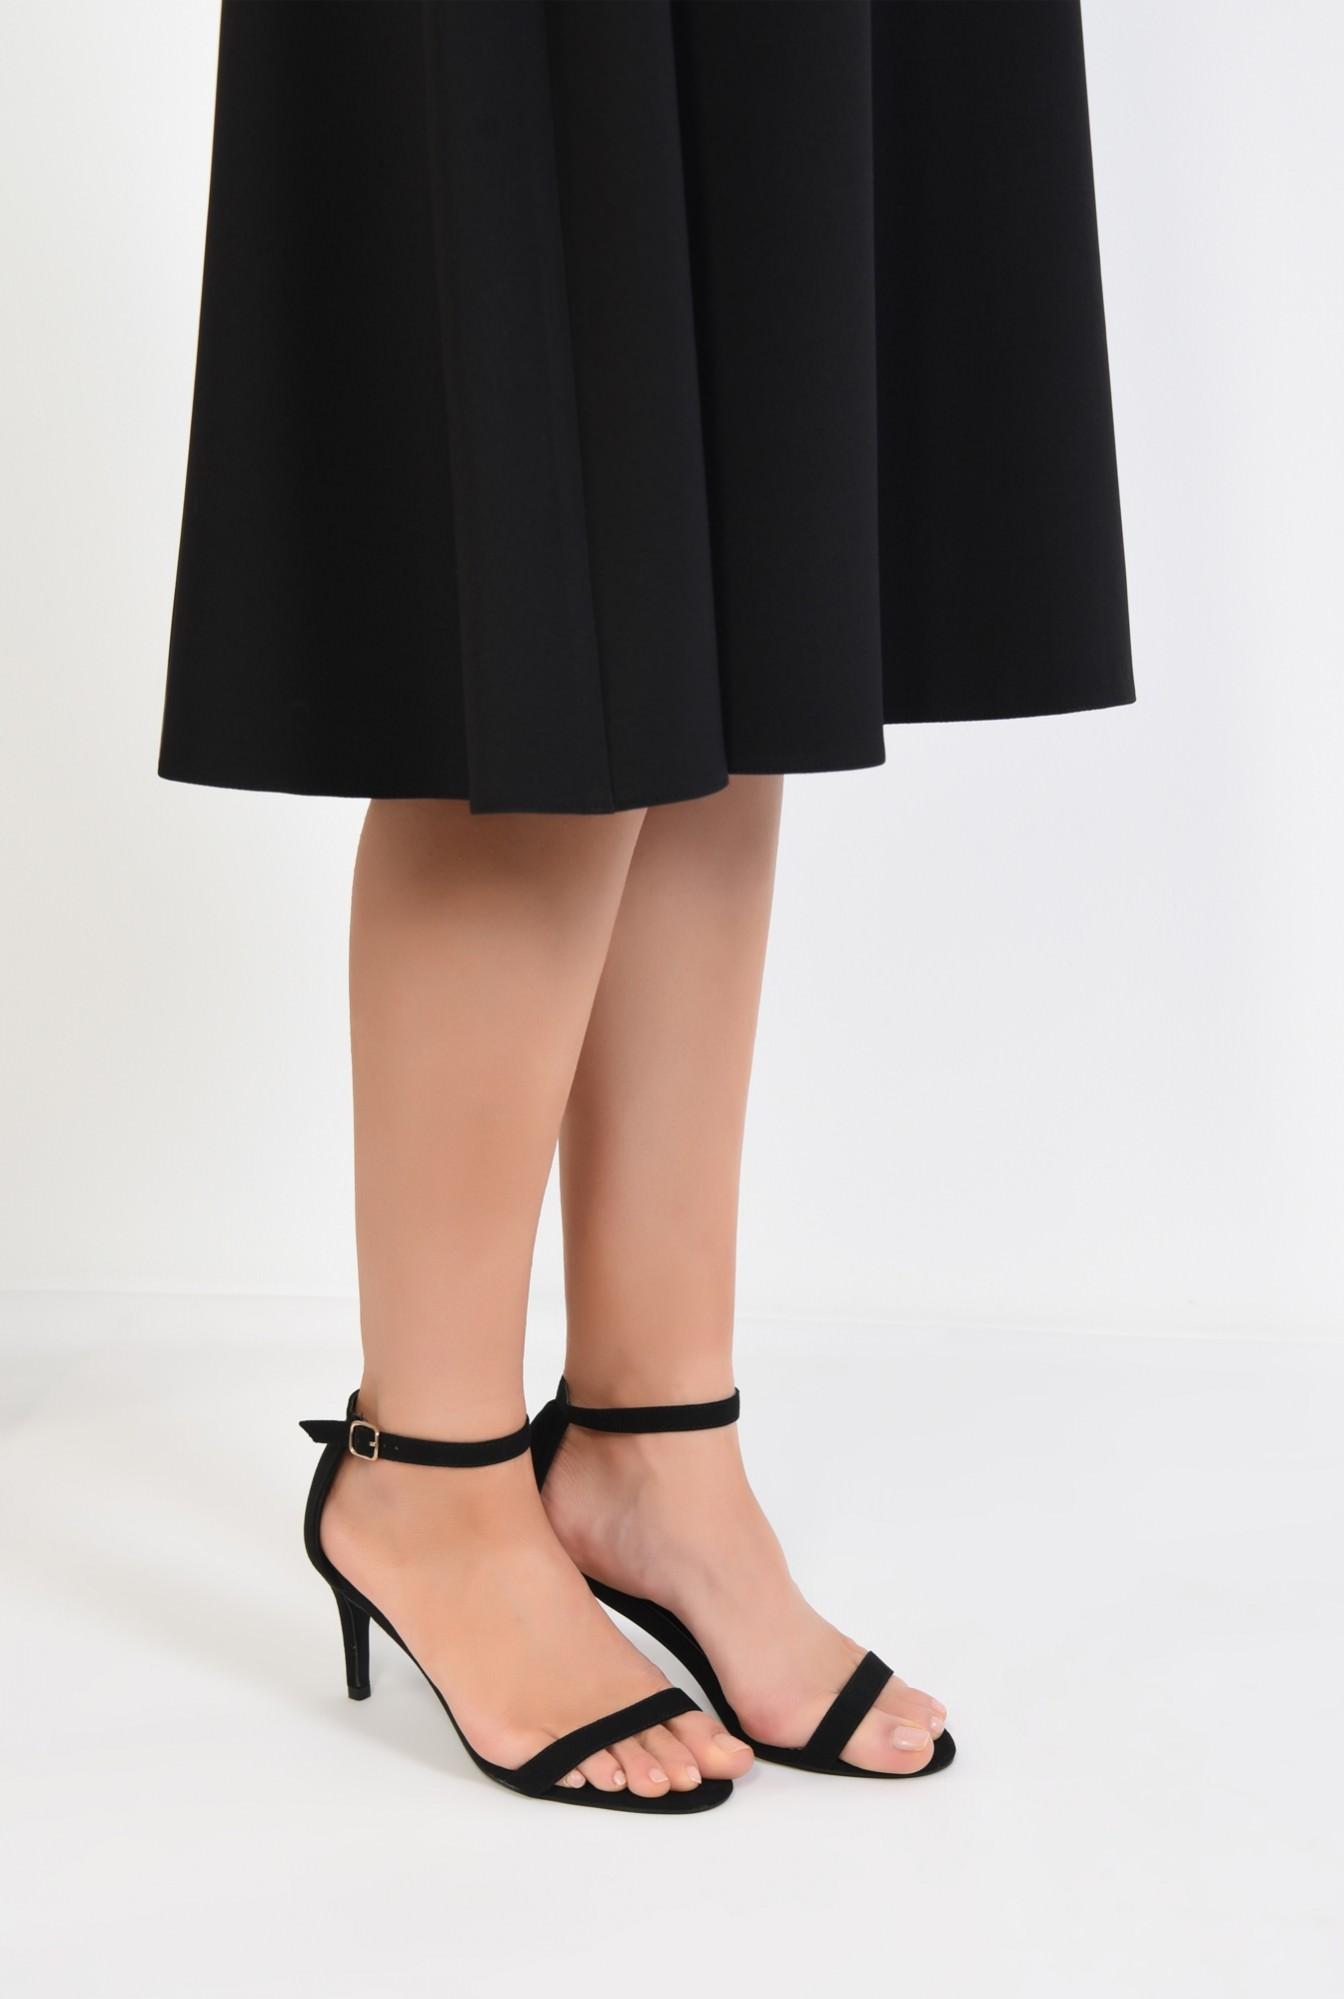 4 - sandale elegante, din catifea, cu toc stiletto